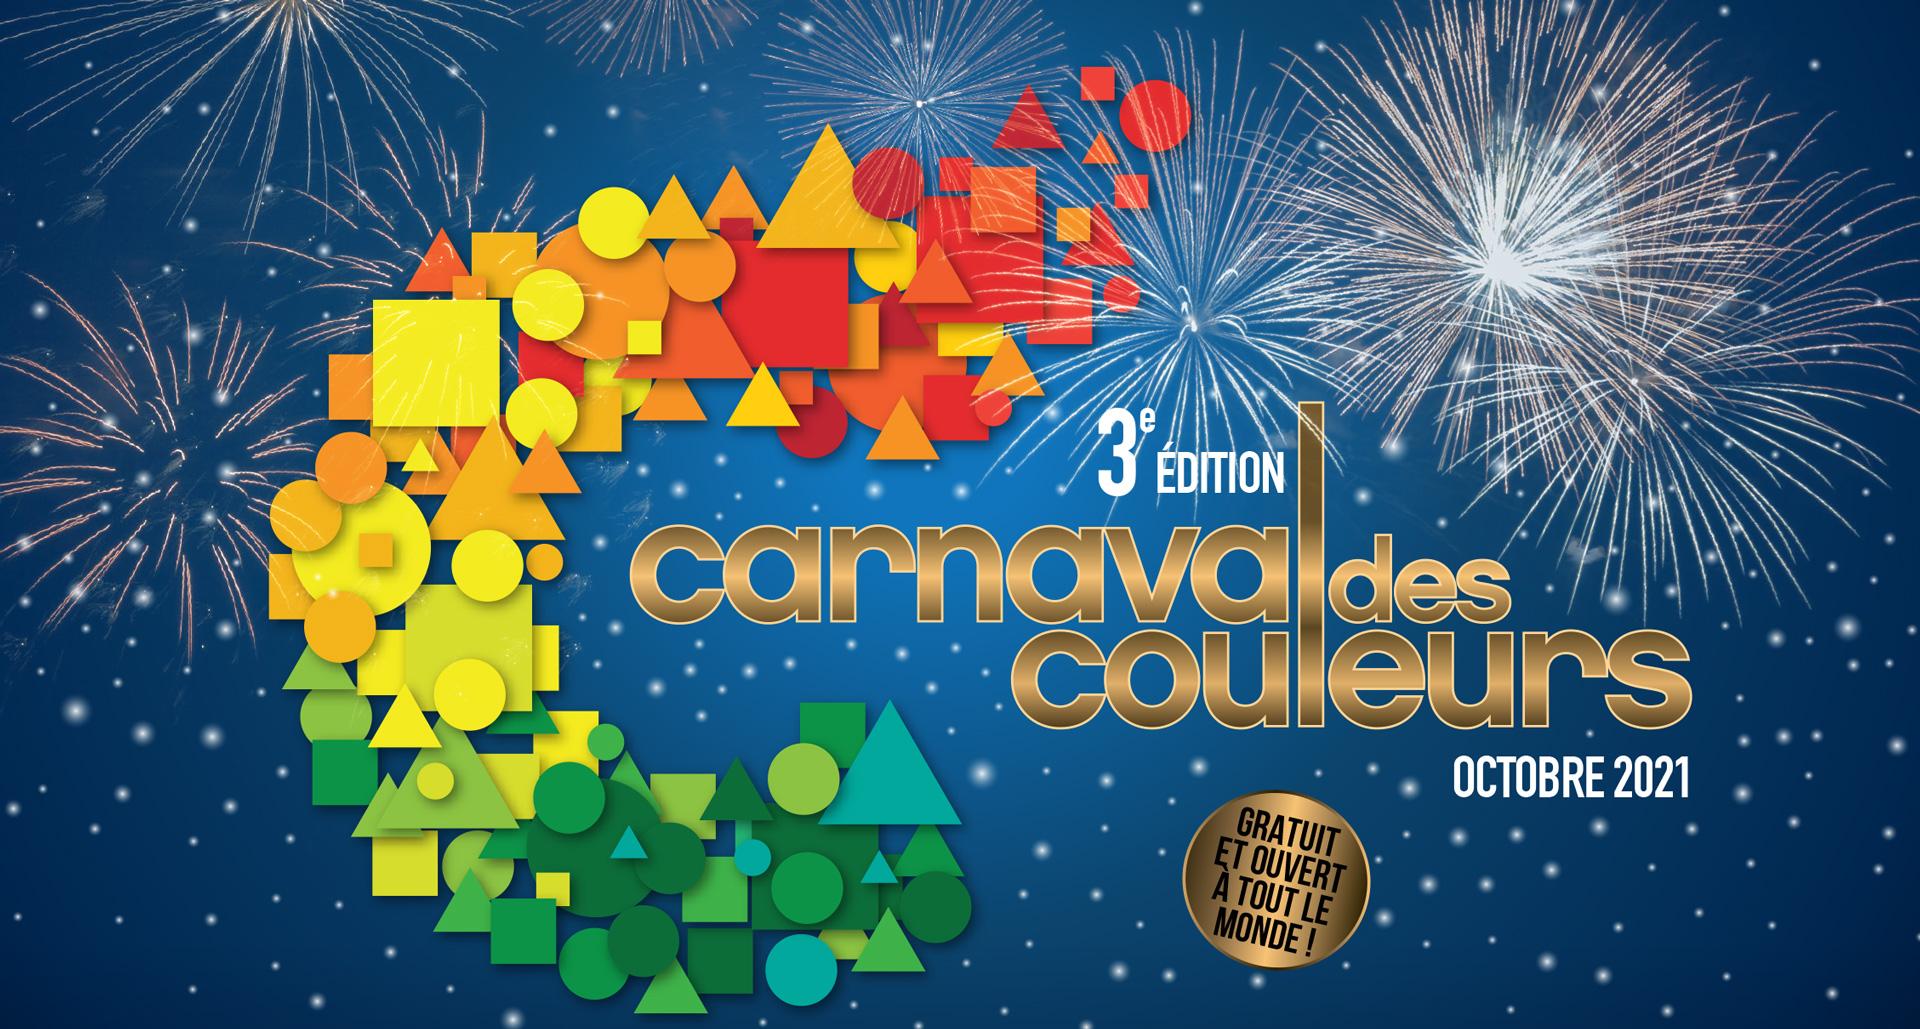 Pleins feux sur le Carnaval des Couleurs de Montréal!